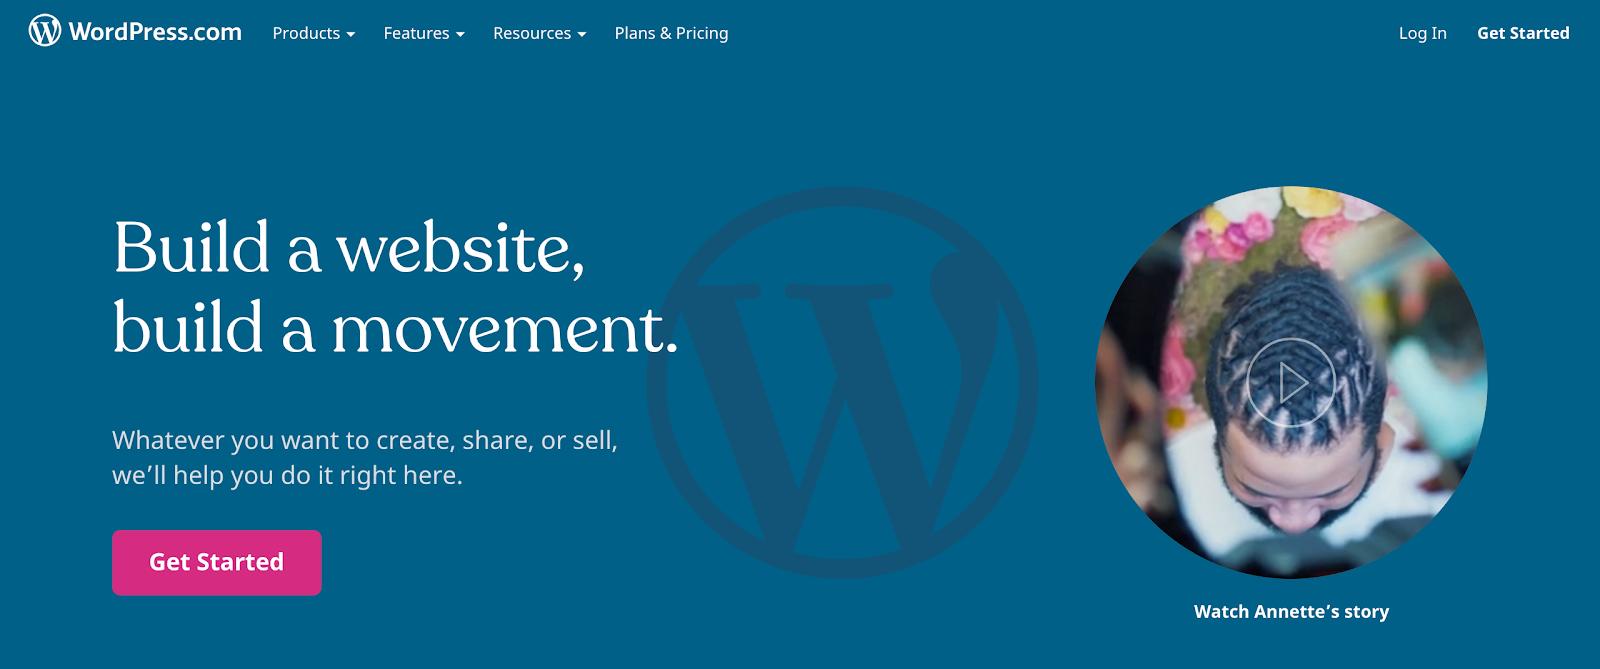 Wordpress.com screen